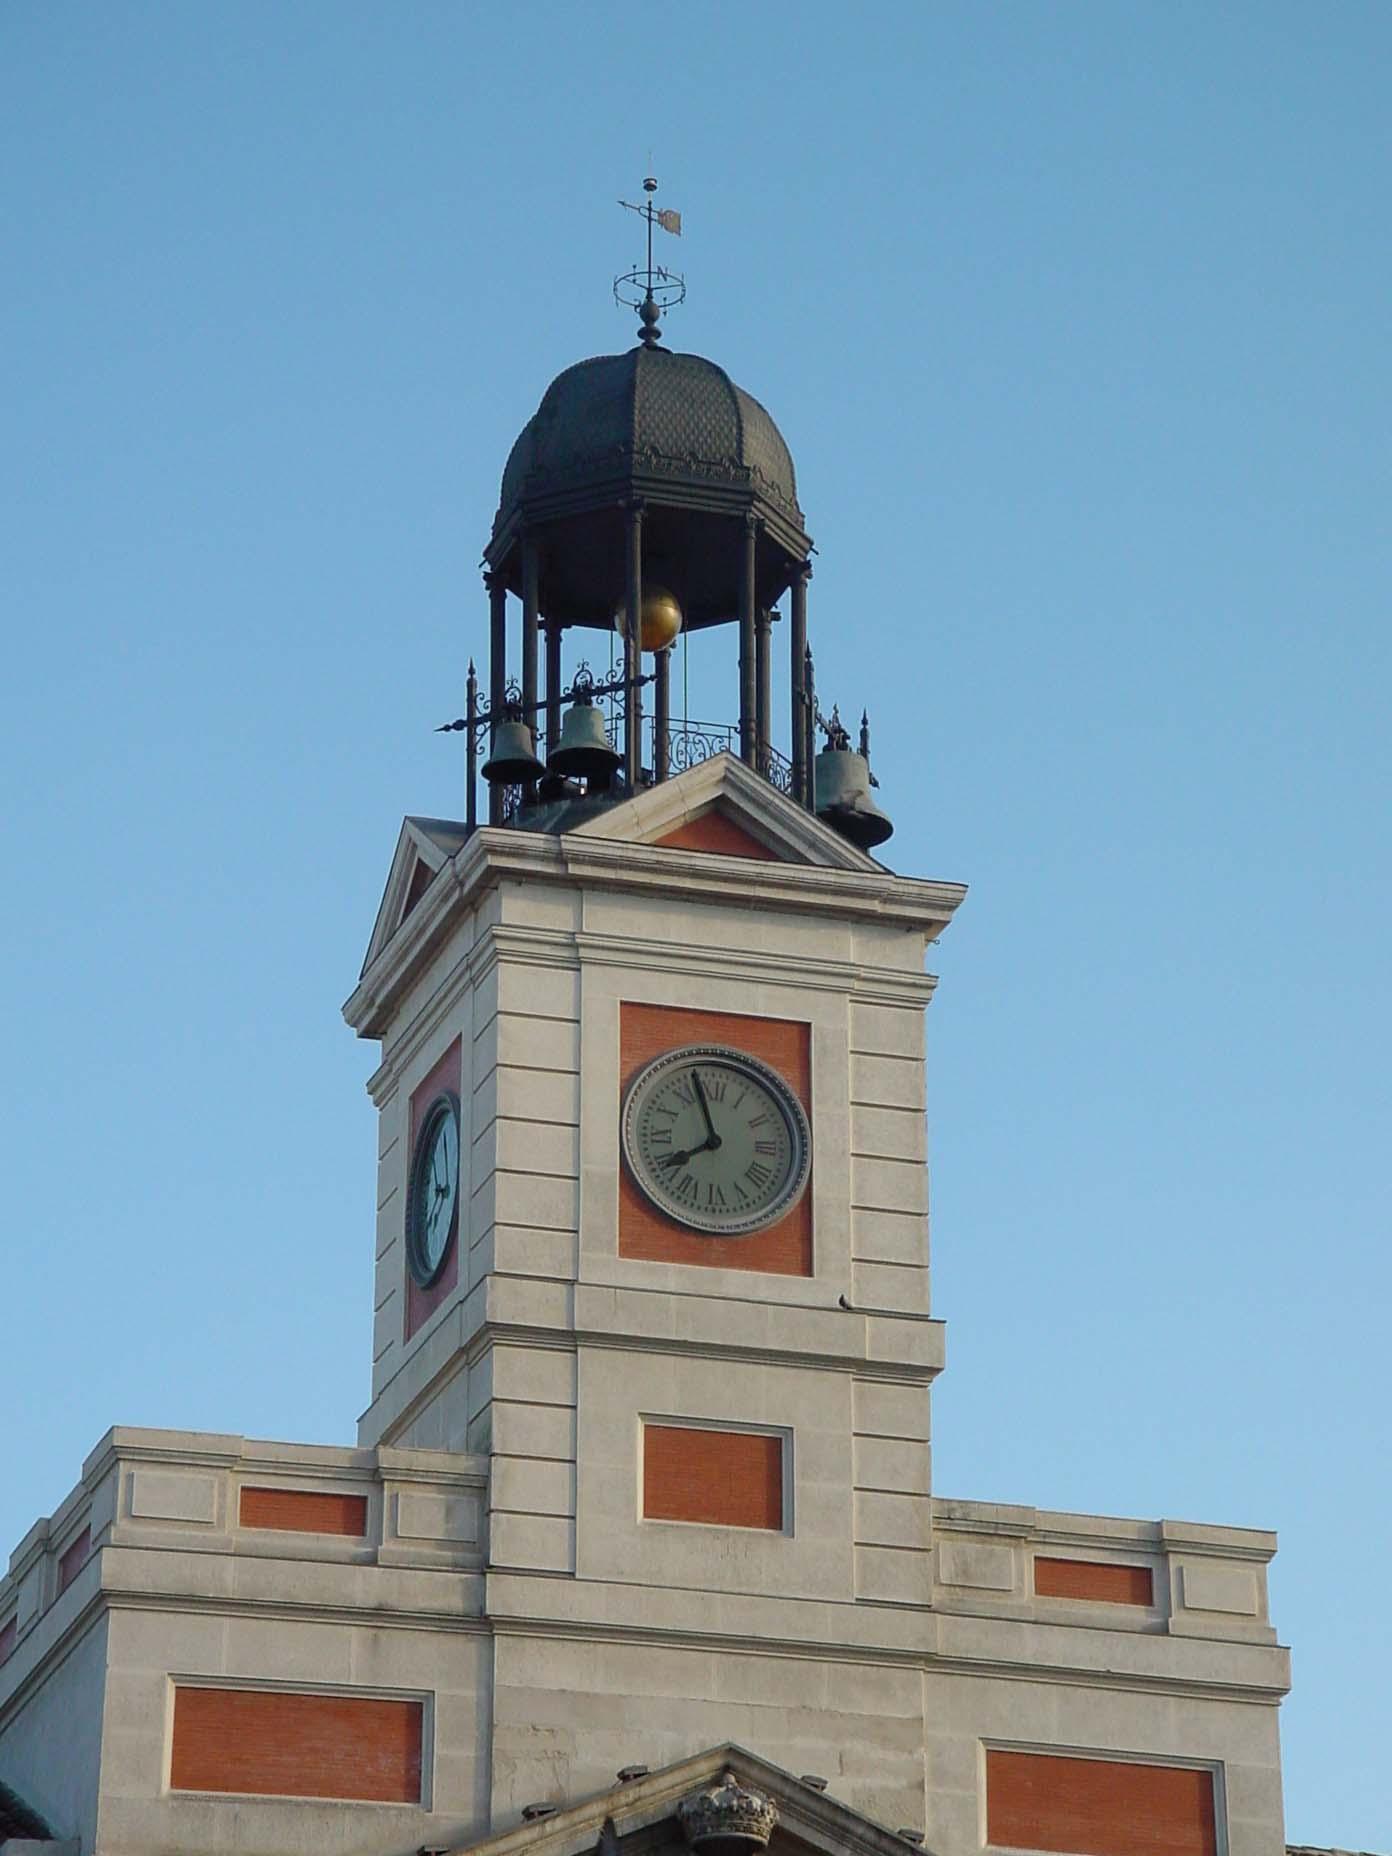 Reloj en fachada de Casa de Correos en Puerta del Sol de Madrid